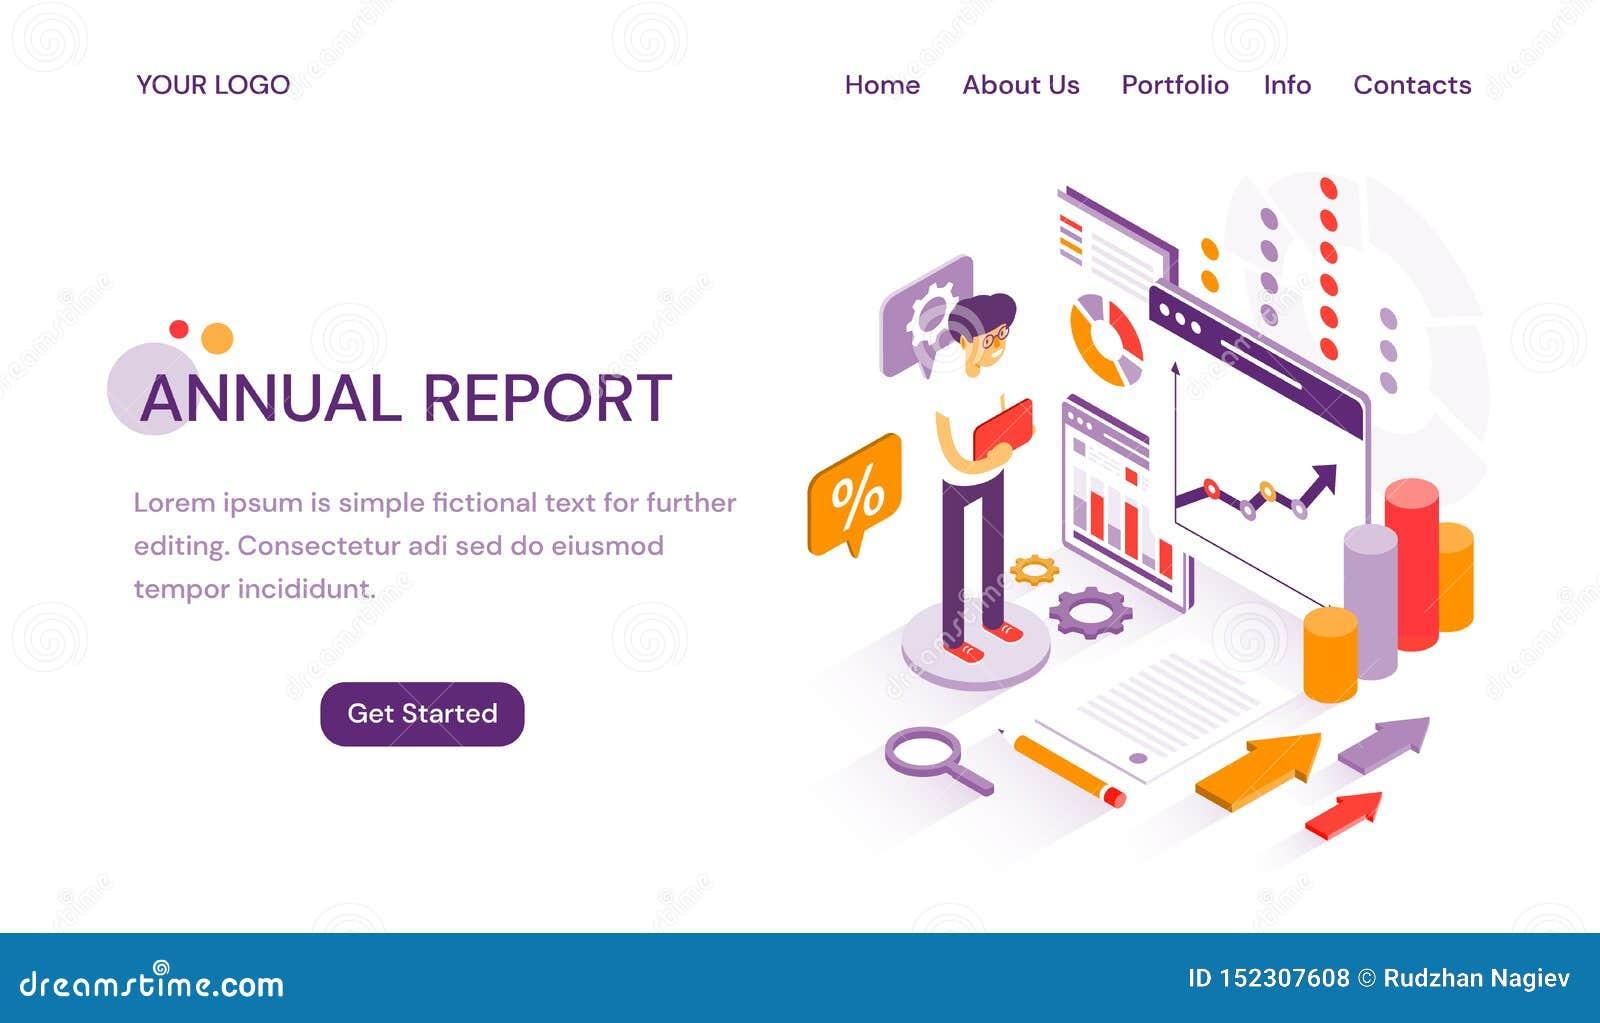 提供的年终逻辑分析方法和财务年终报告网上网站模板与文本的拷贝空间和